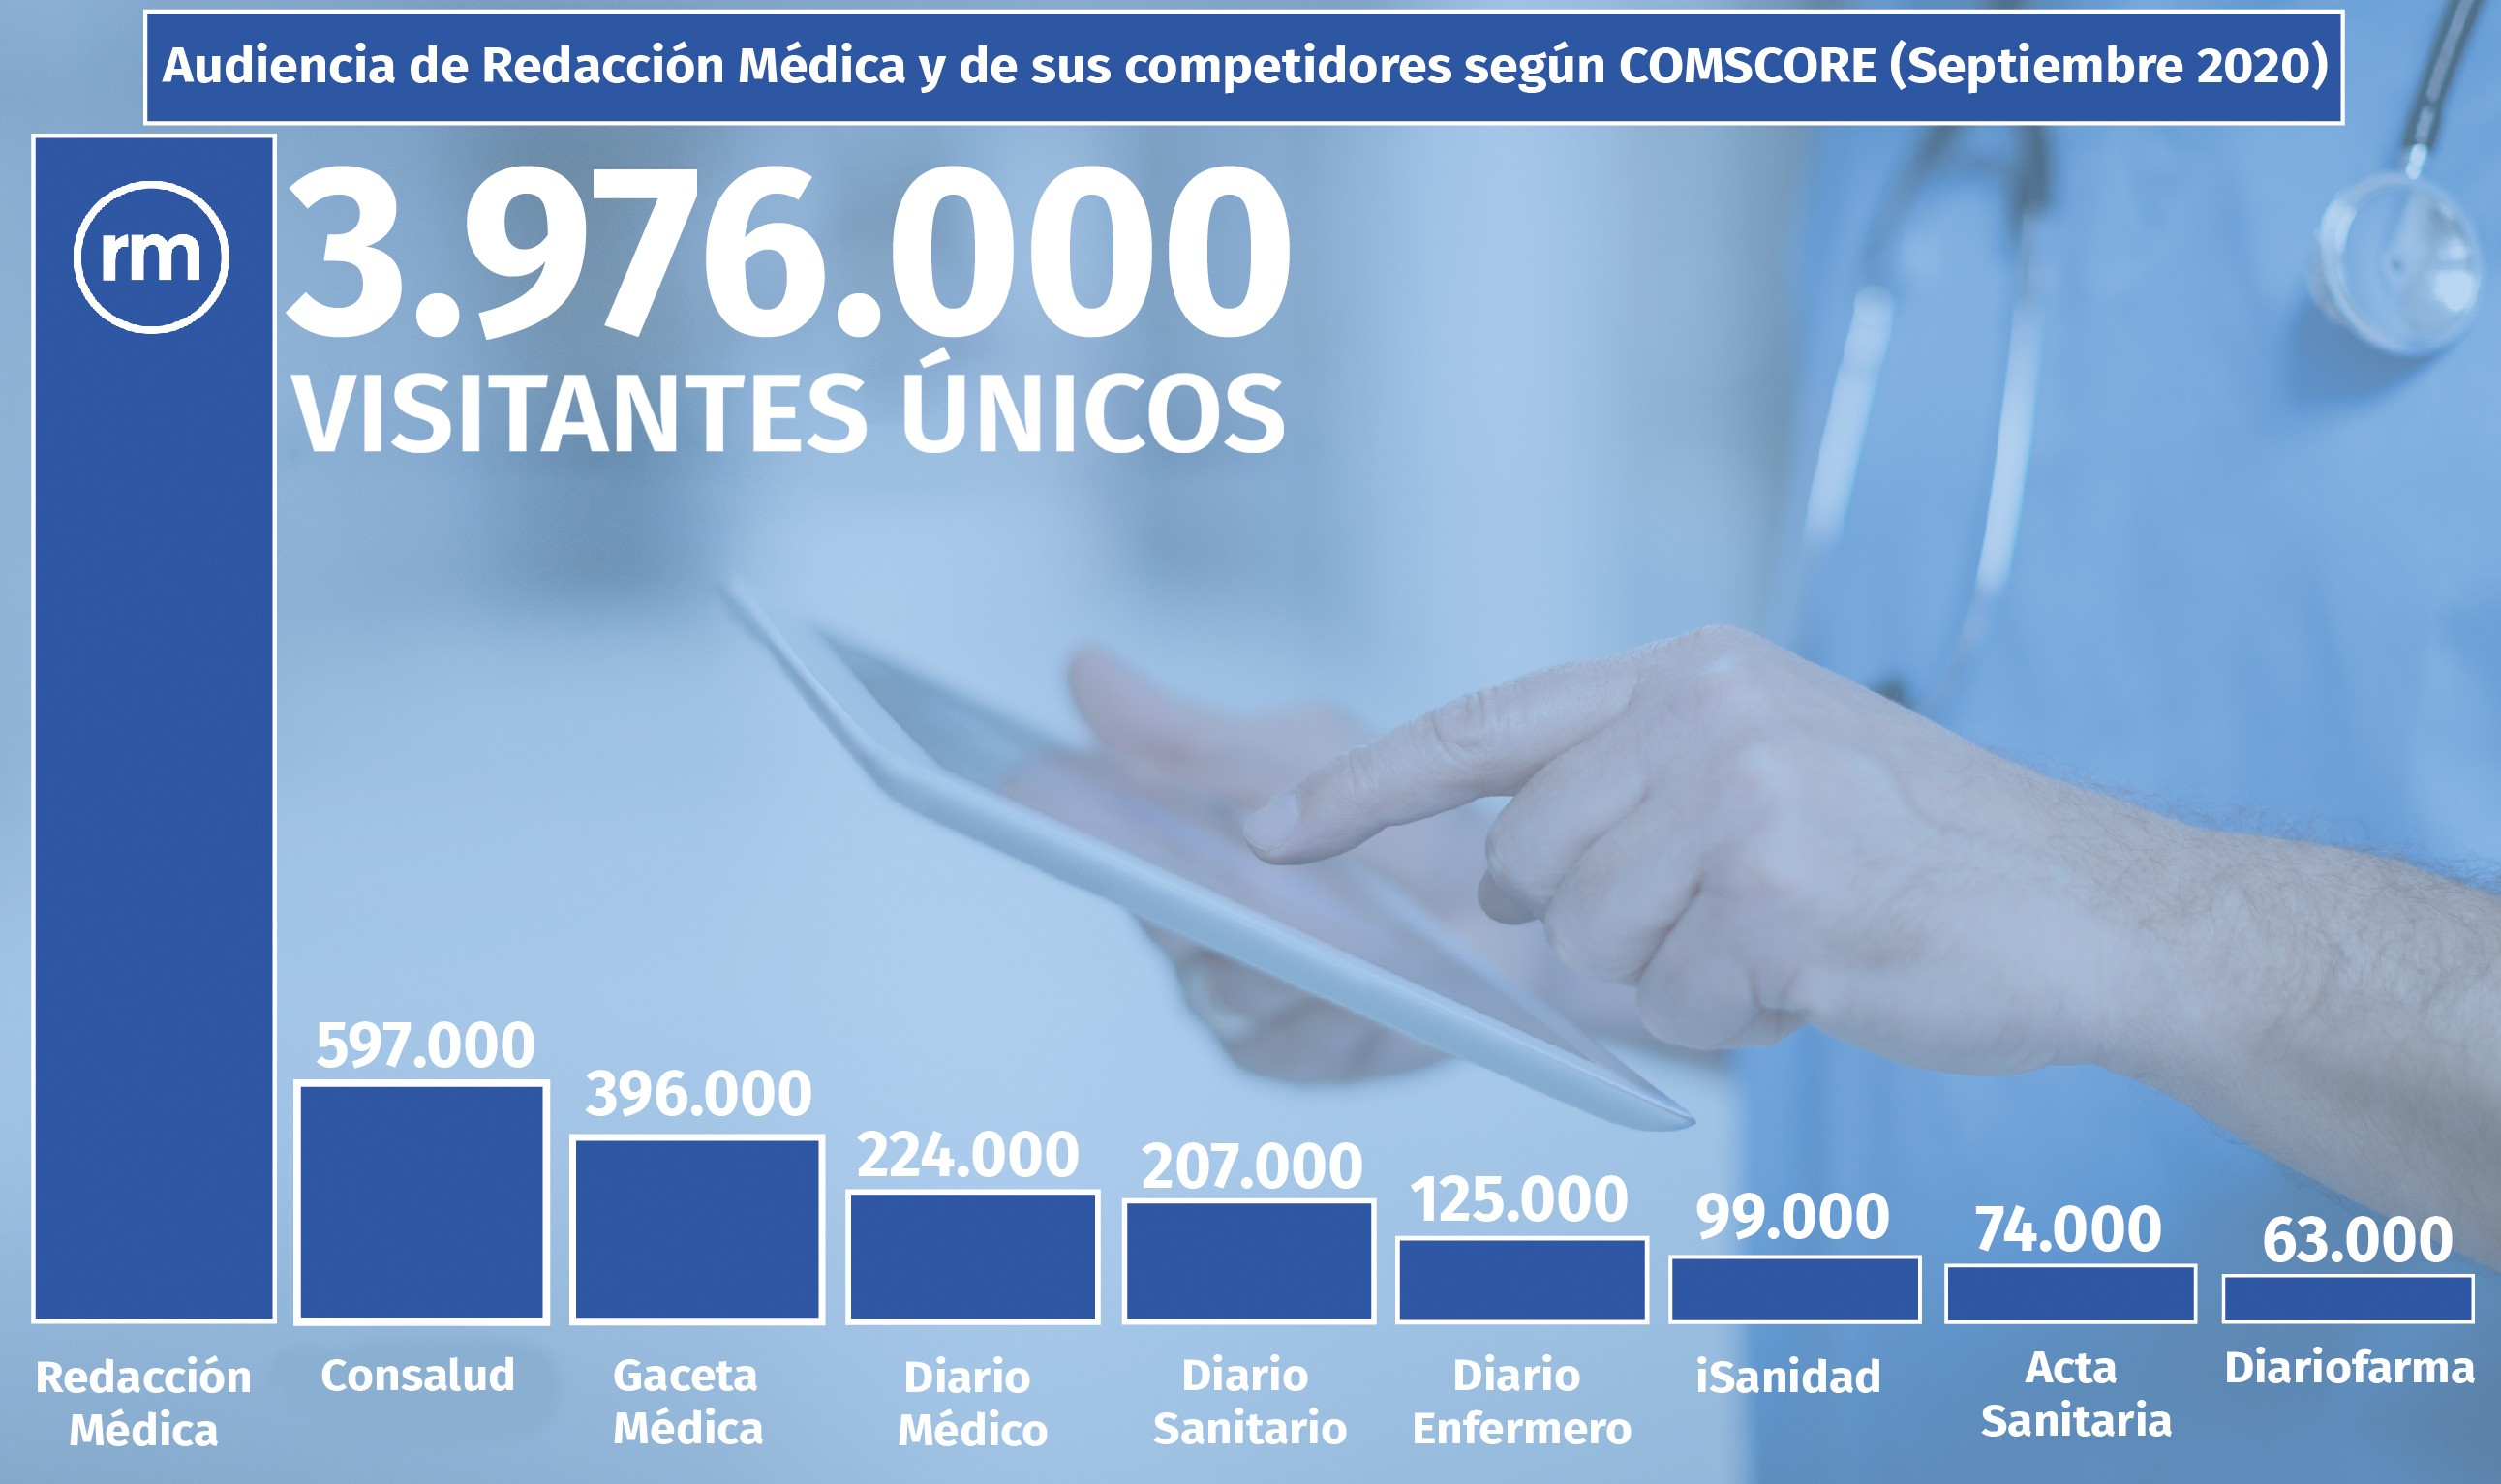 Comscore Salud: Redacción Médica refuerza liderazgo con casi 4M de lectores